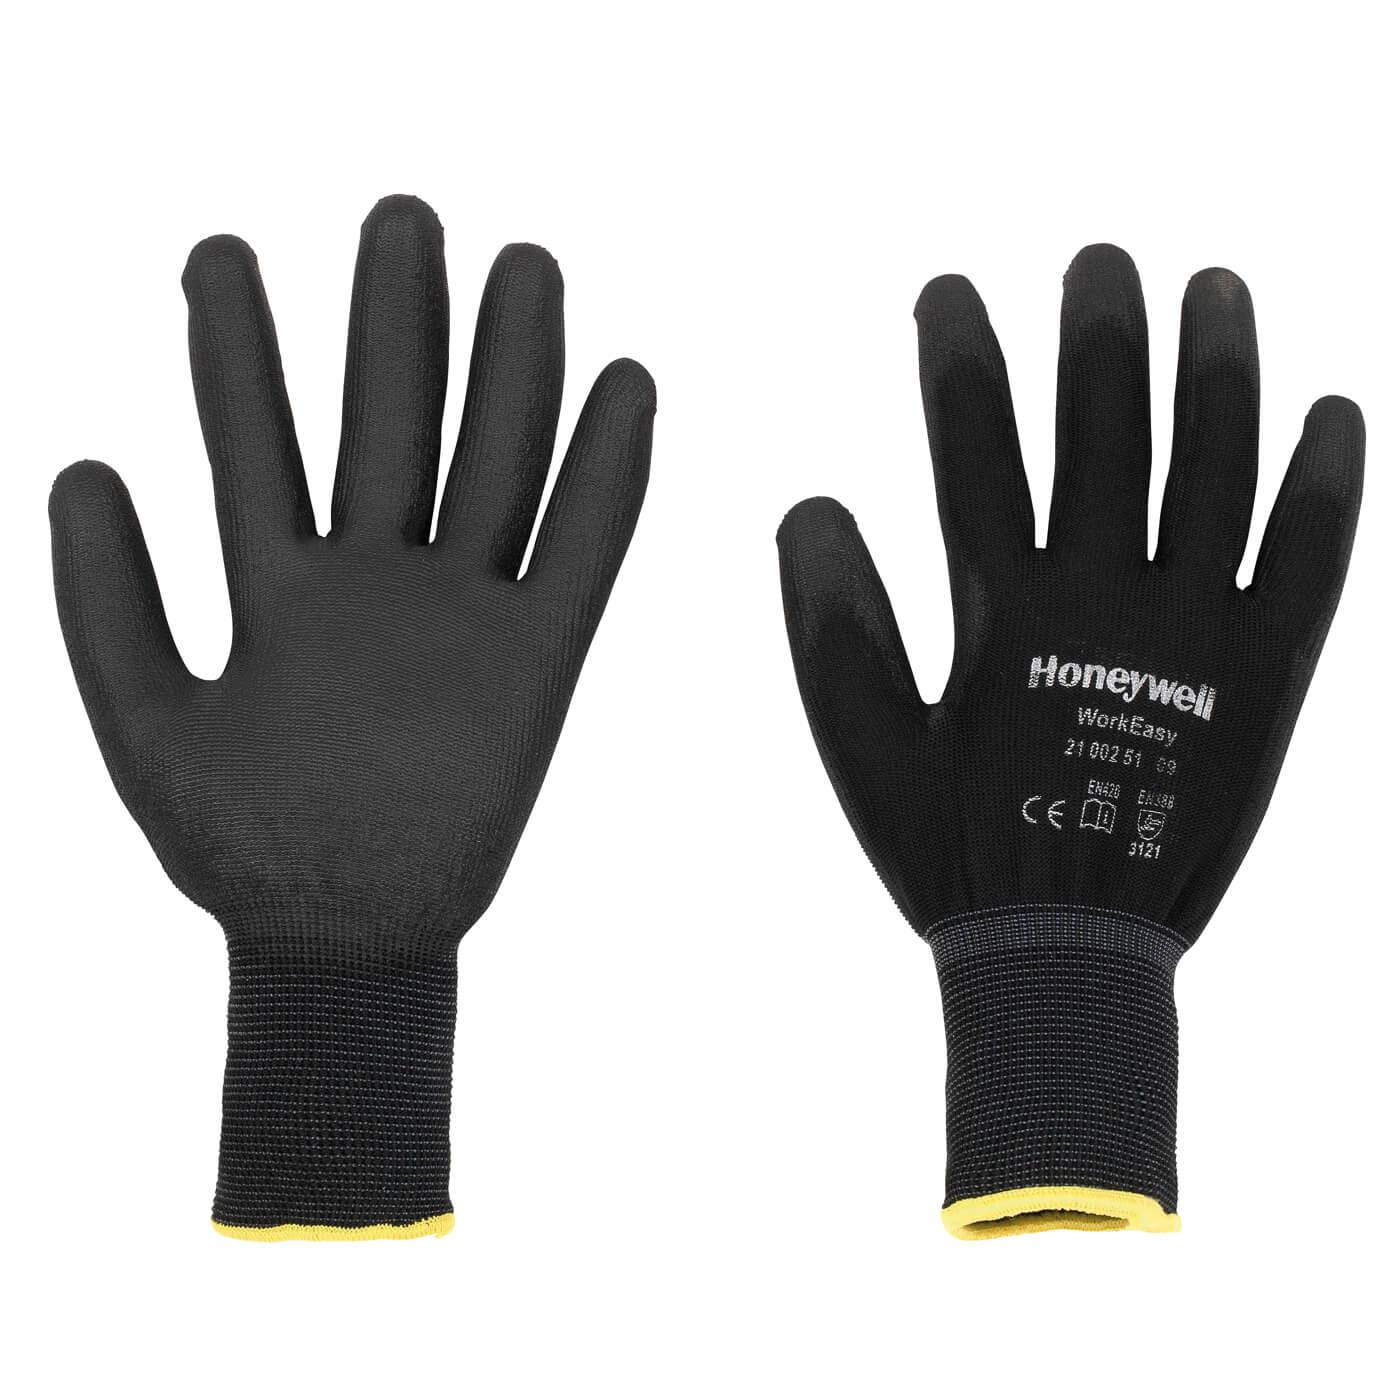 Rękawice montażowe Honeywell Workeasy Black